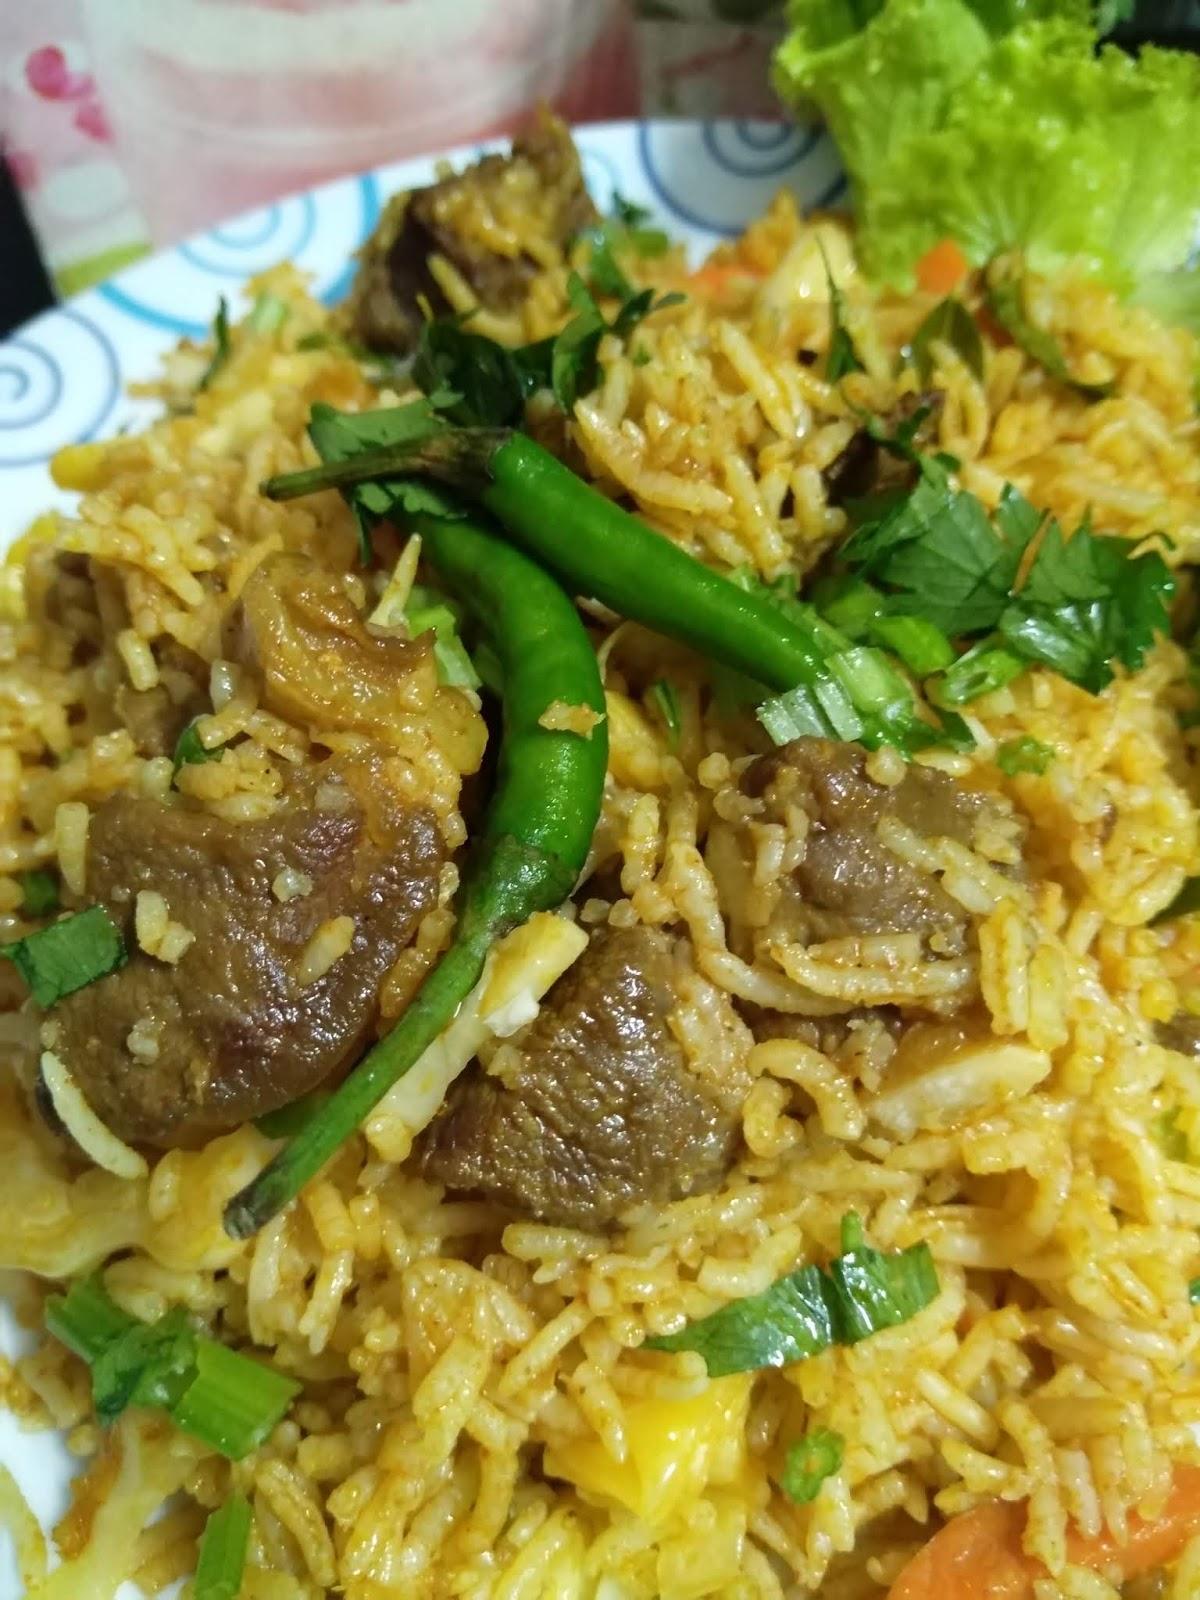 Namakucella Nasi Goreng Kambing Sedap